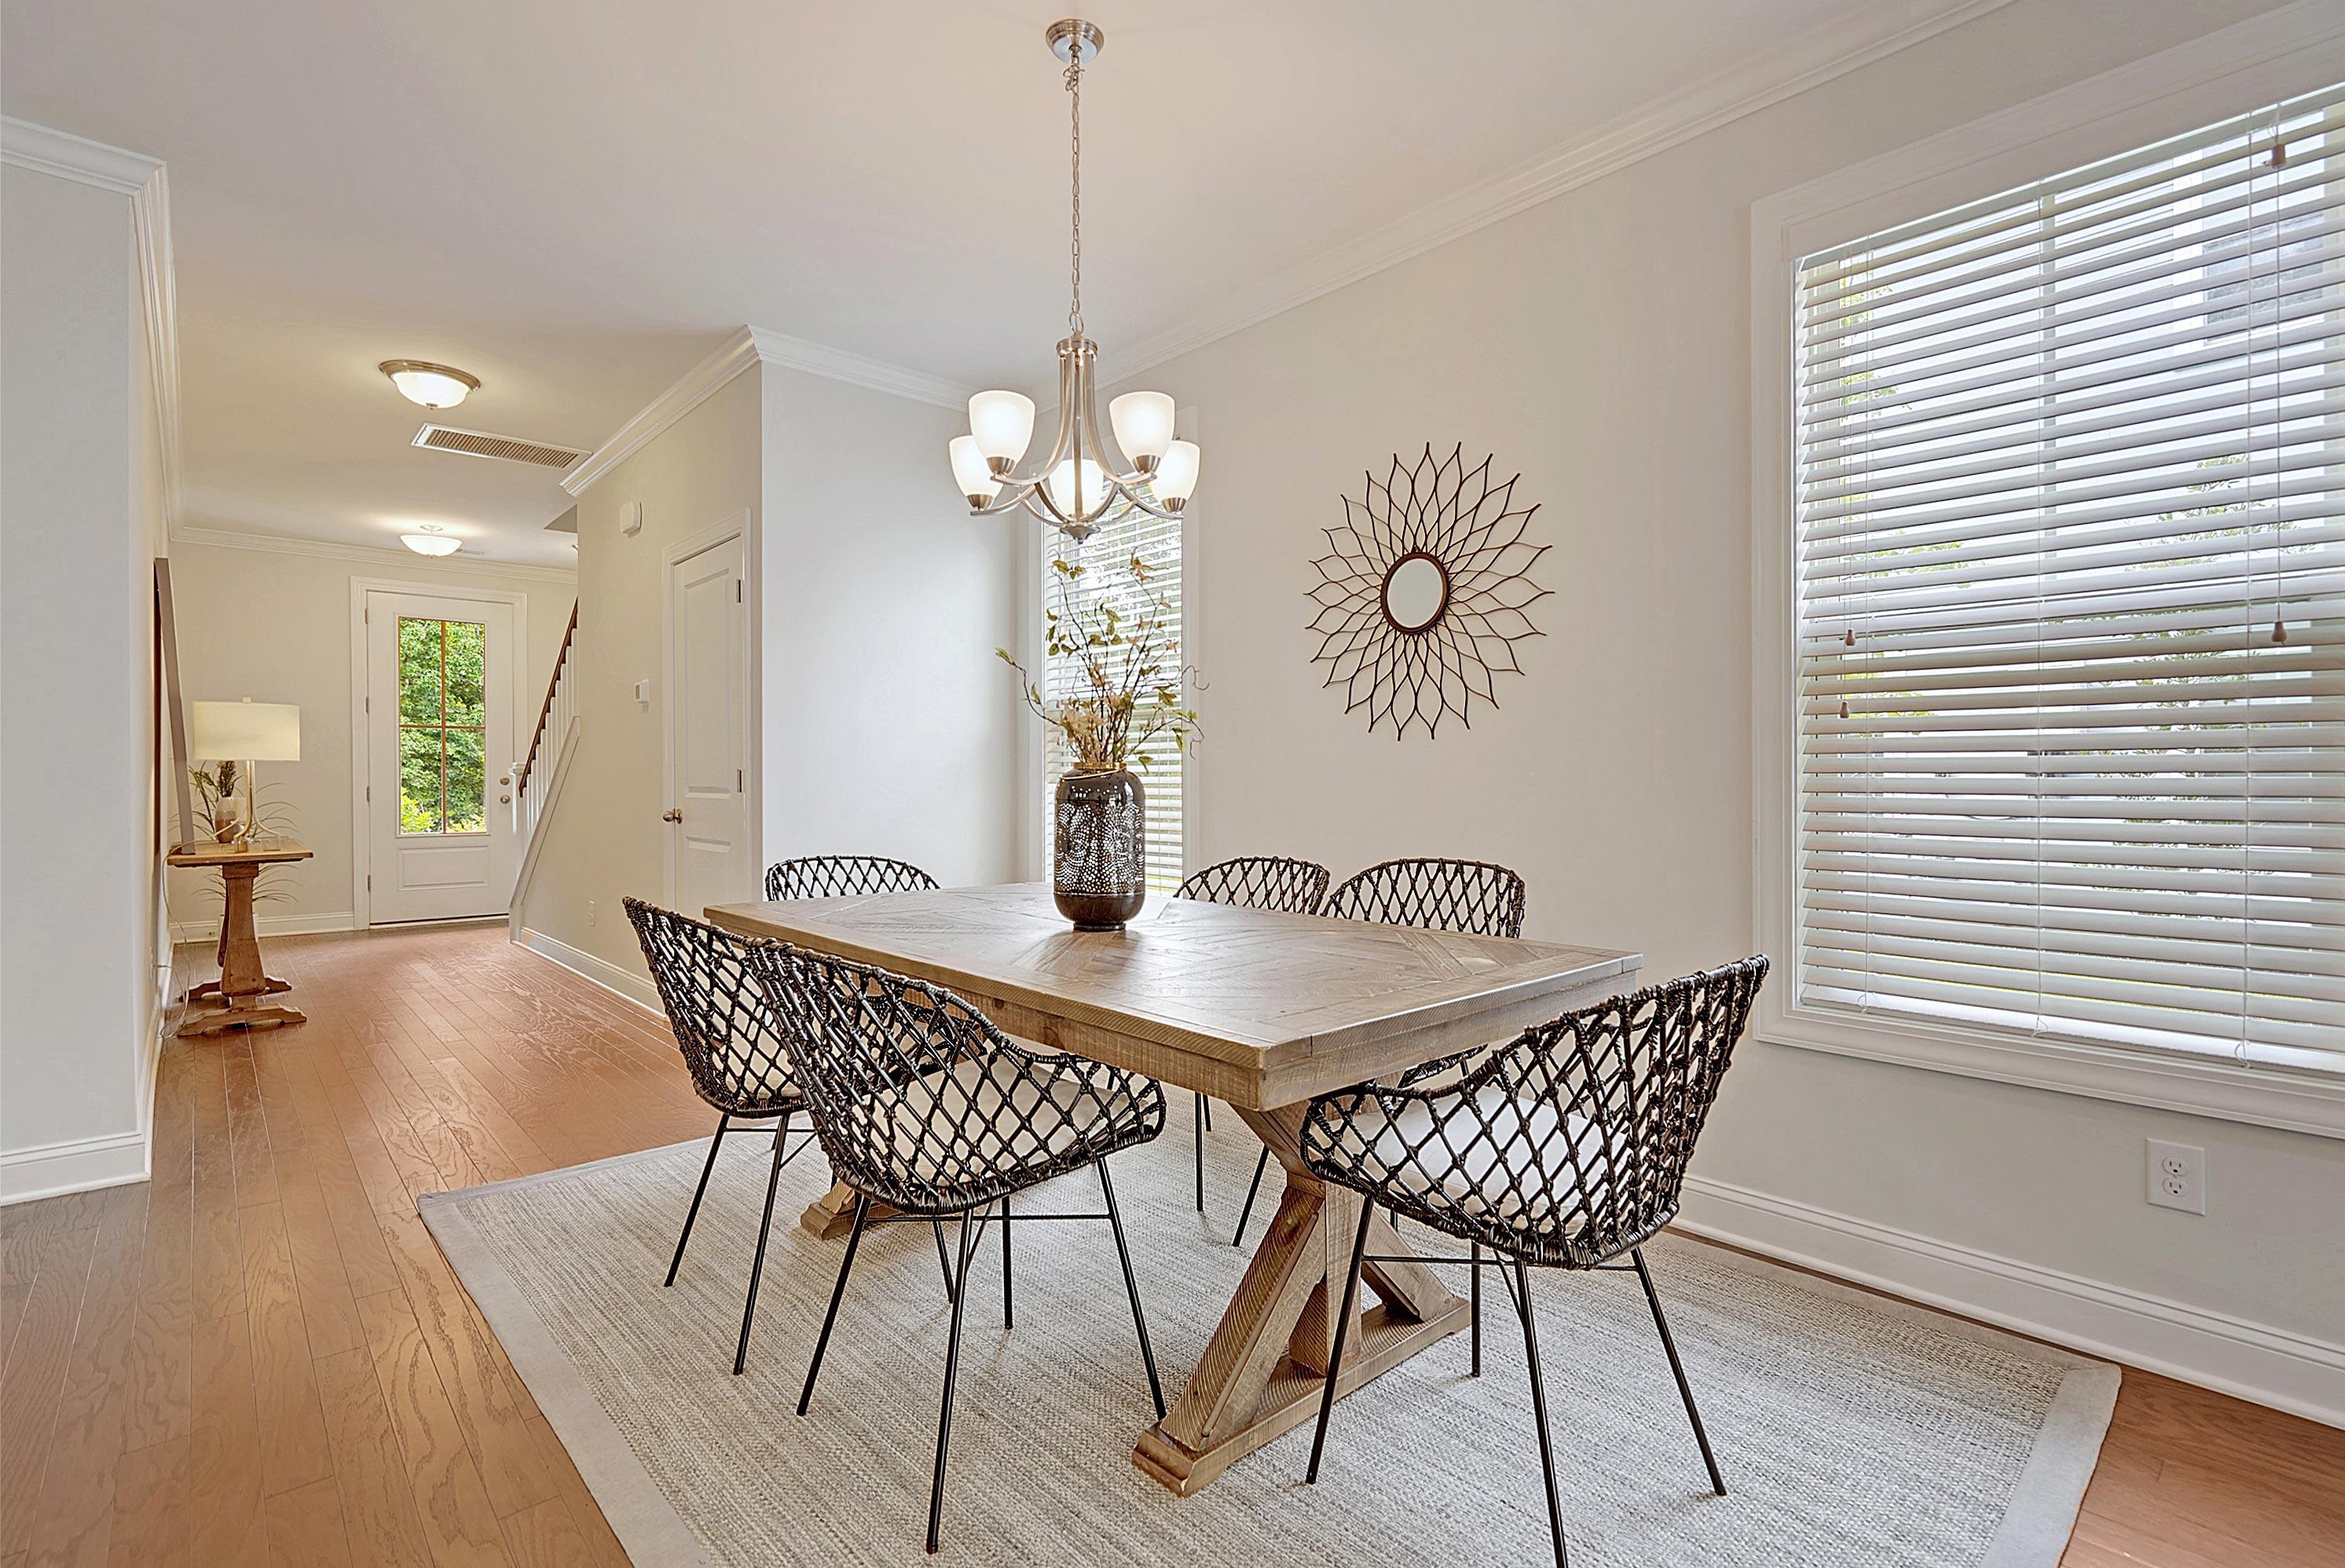 Park West Homes For Sale - 1638 Mermentau, Mount Pleasant, SC - 9